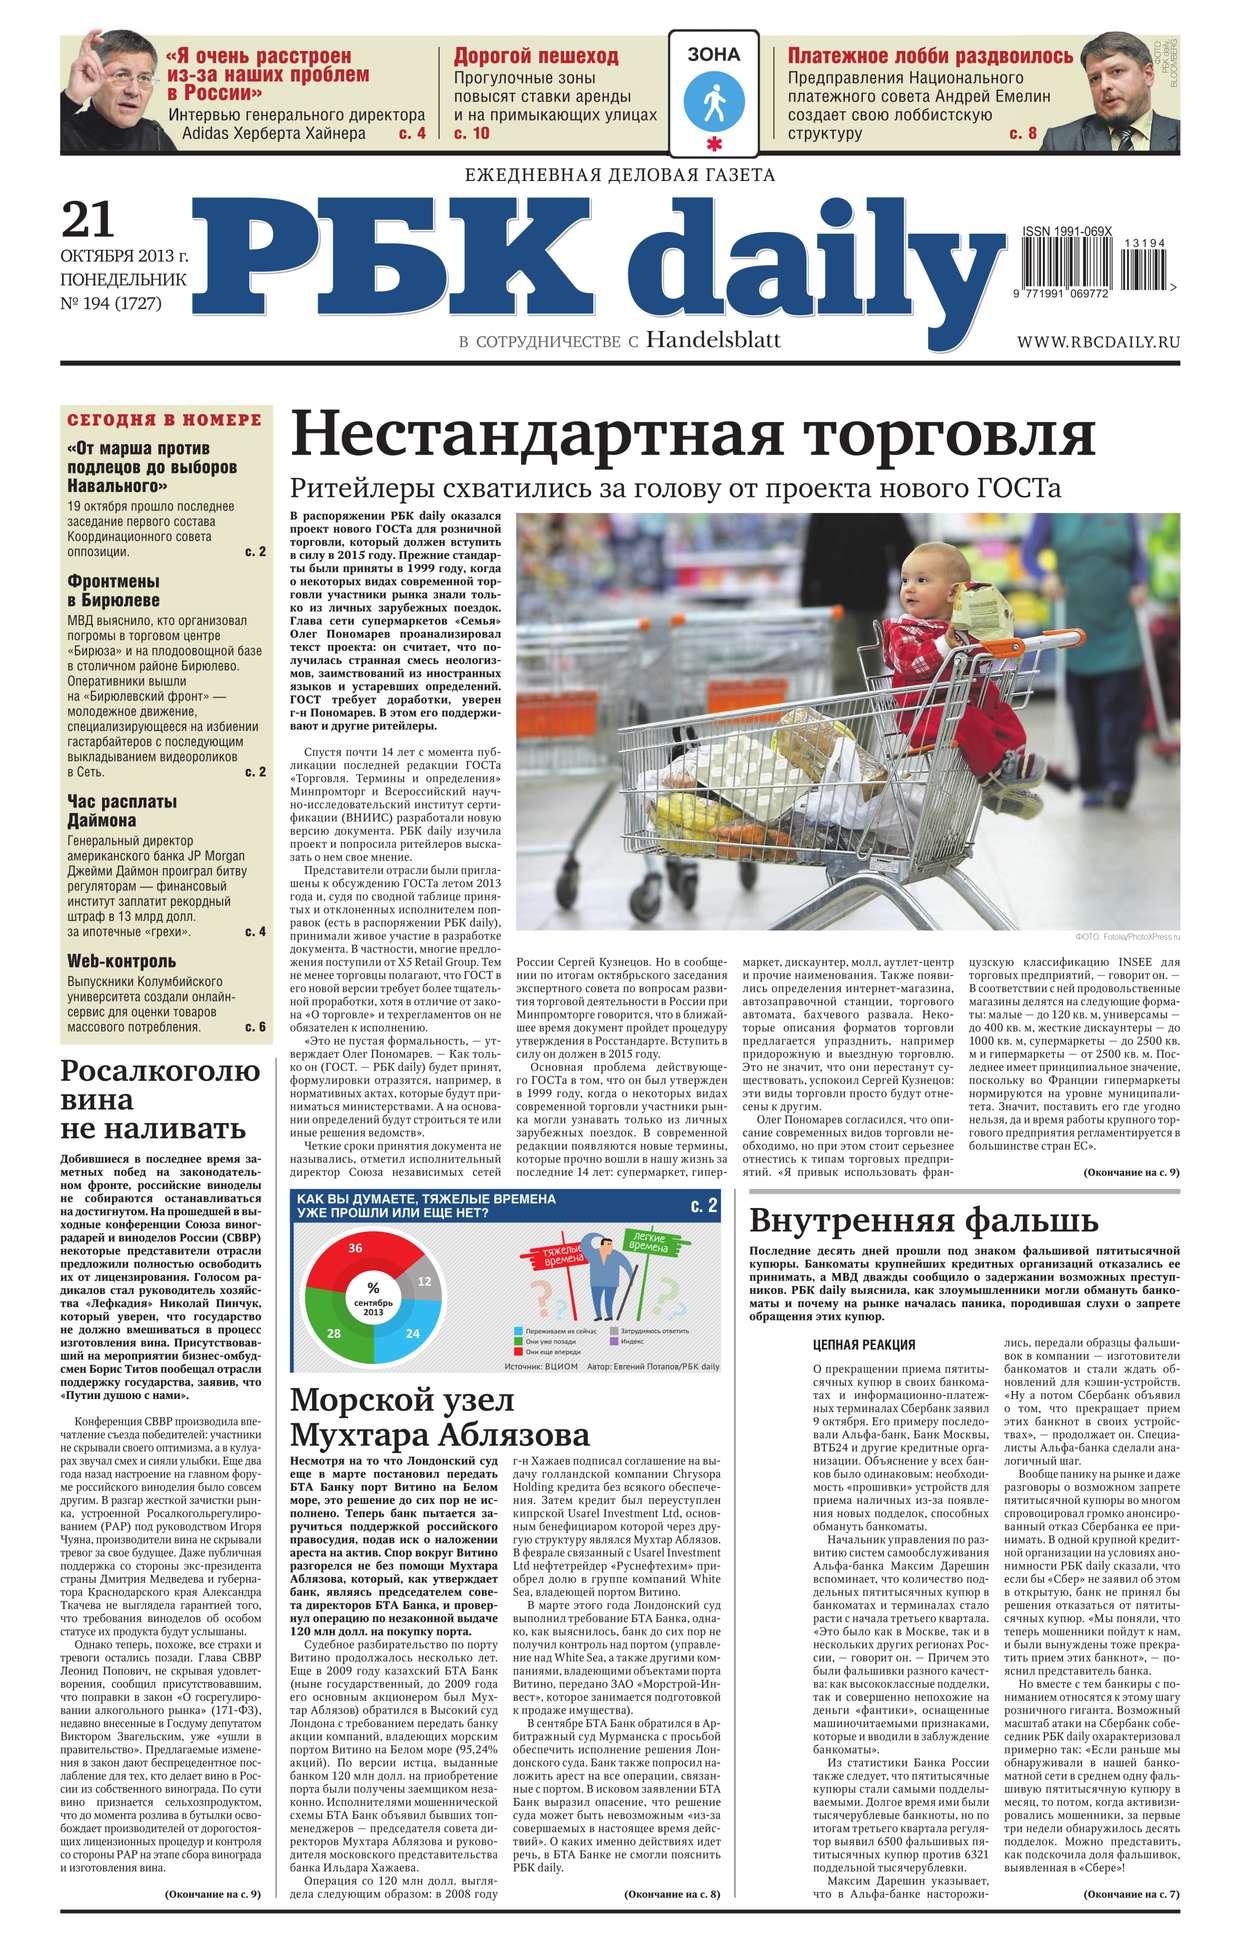 Ежедневная деловая газета РБК 194